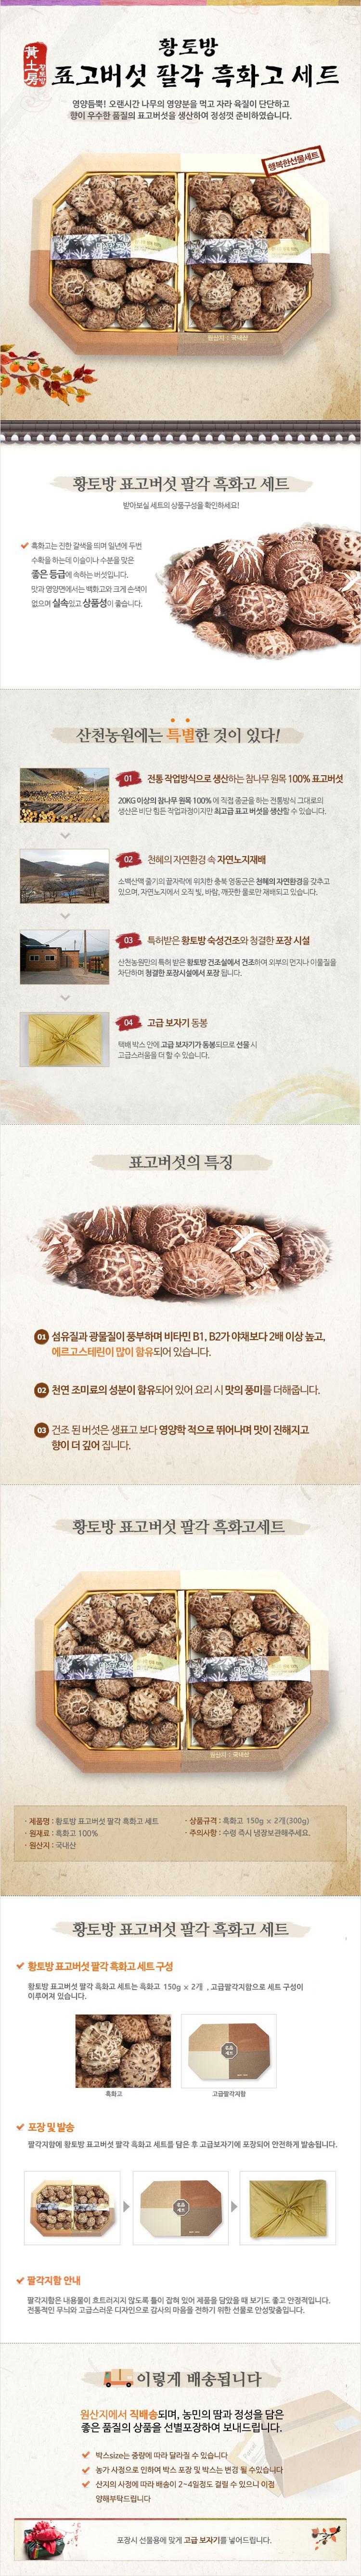 황토방 표고버섯 팔각 흑화고세트 (소) 상품설명